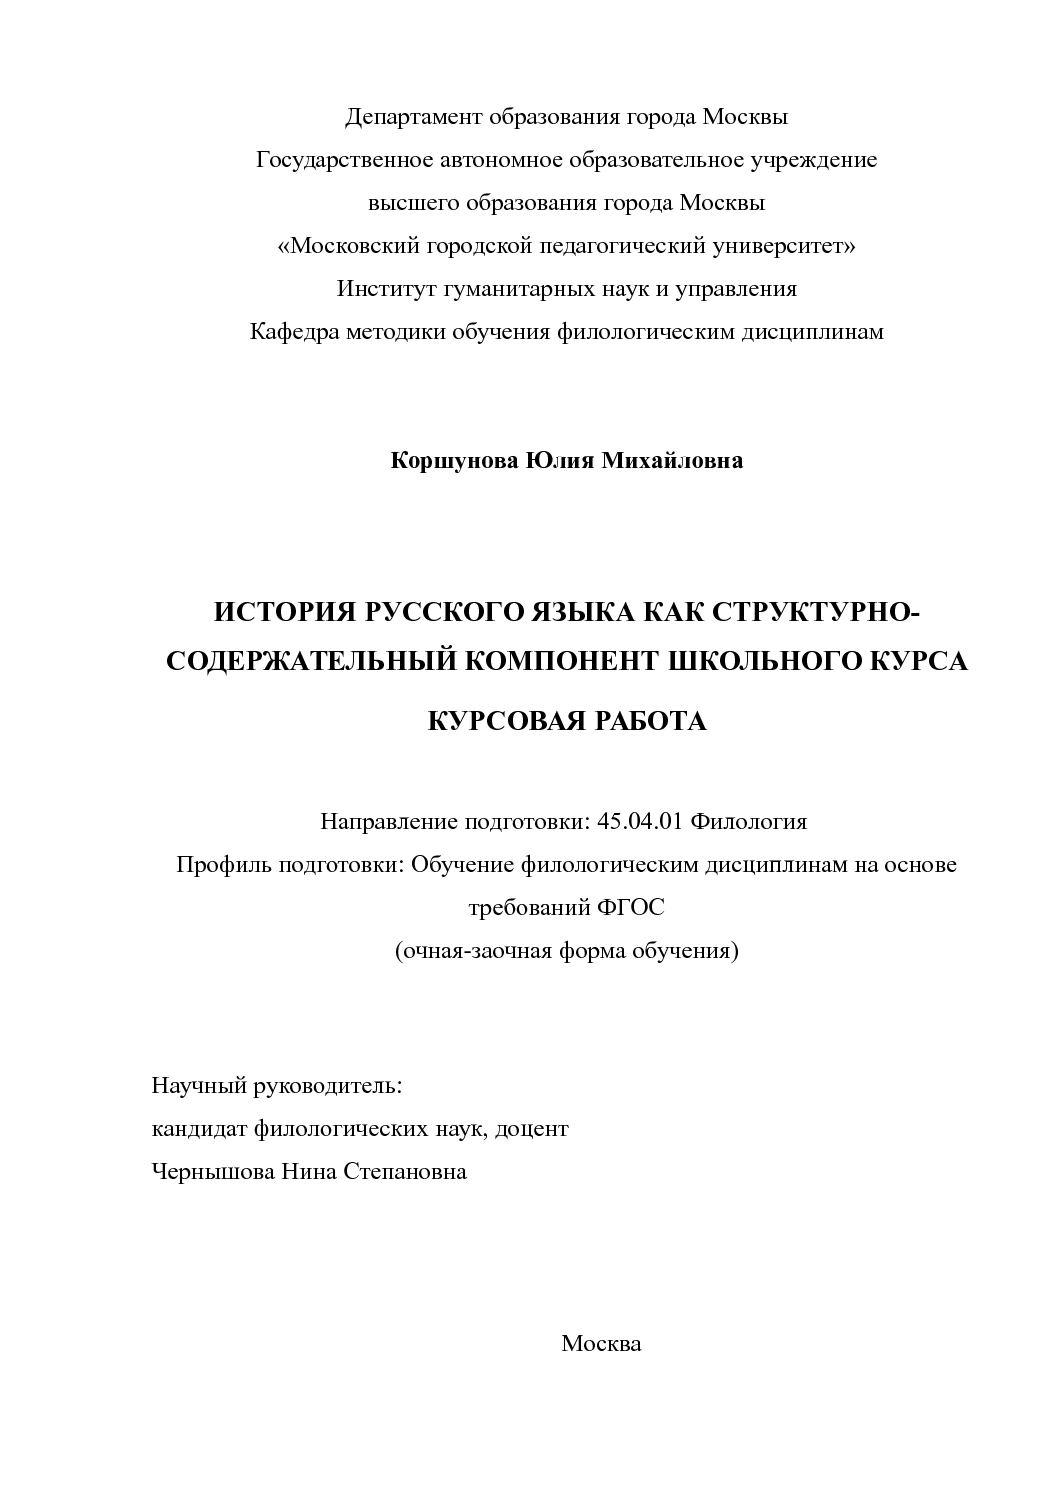 Русский язык 5 класс купалова еремеева пахнова несколько сказуемых в одном предложении